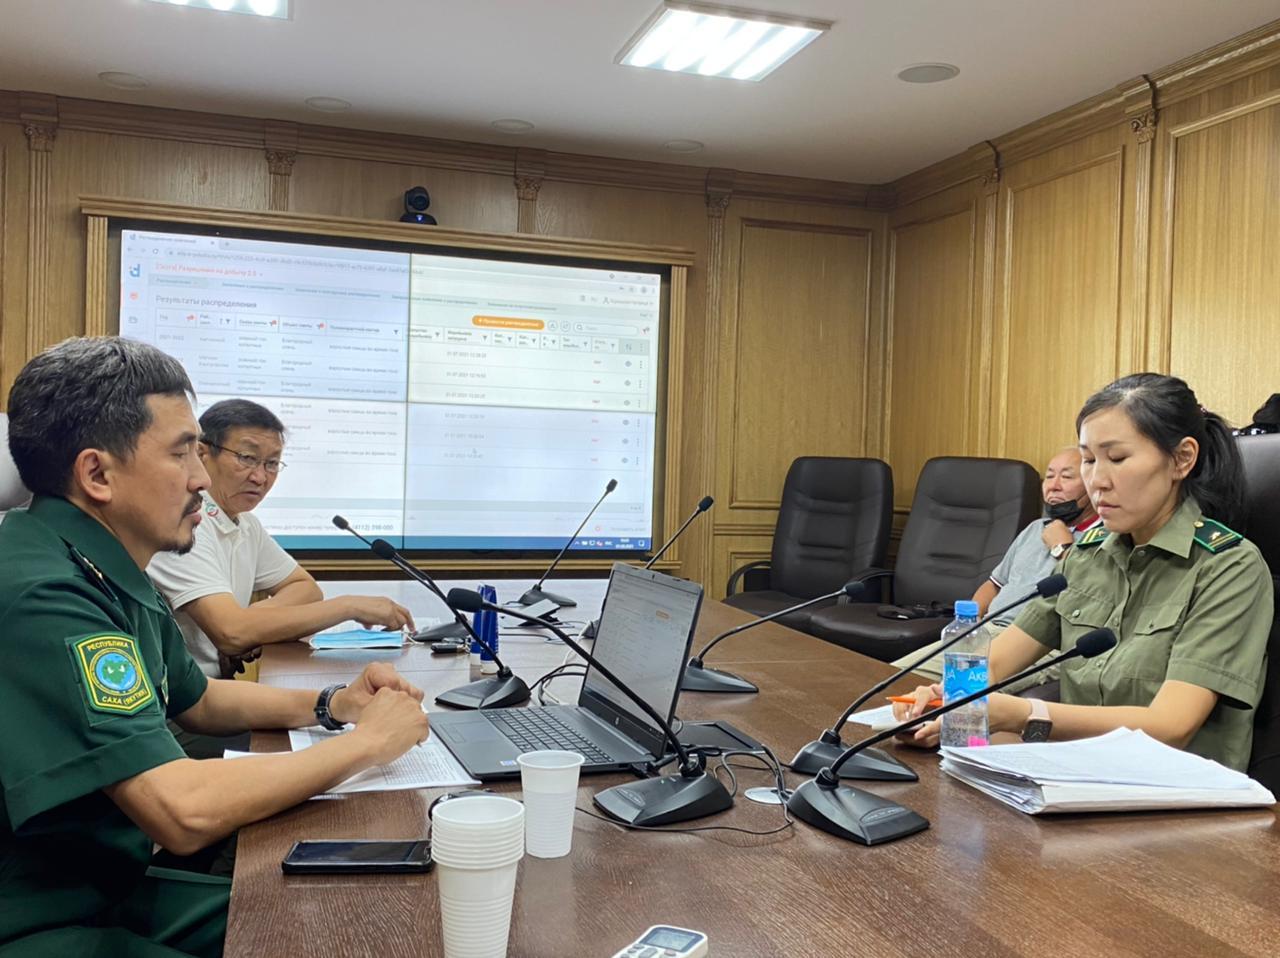 Свыше 1640 человек получили разрешения на добычу охотничьих ресурсов в Якутии